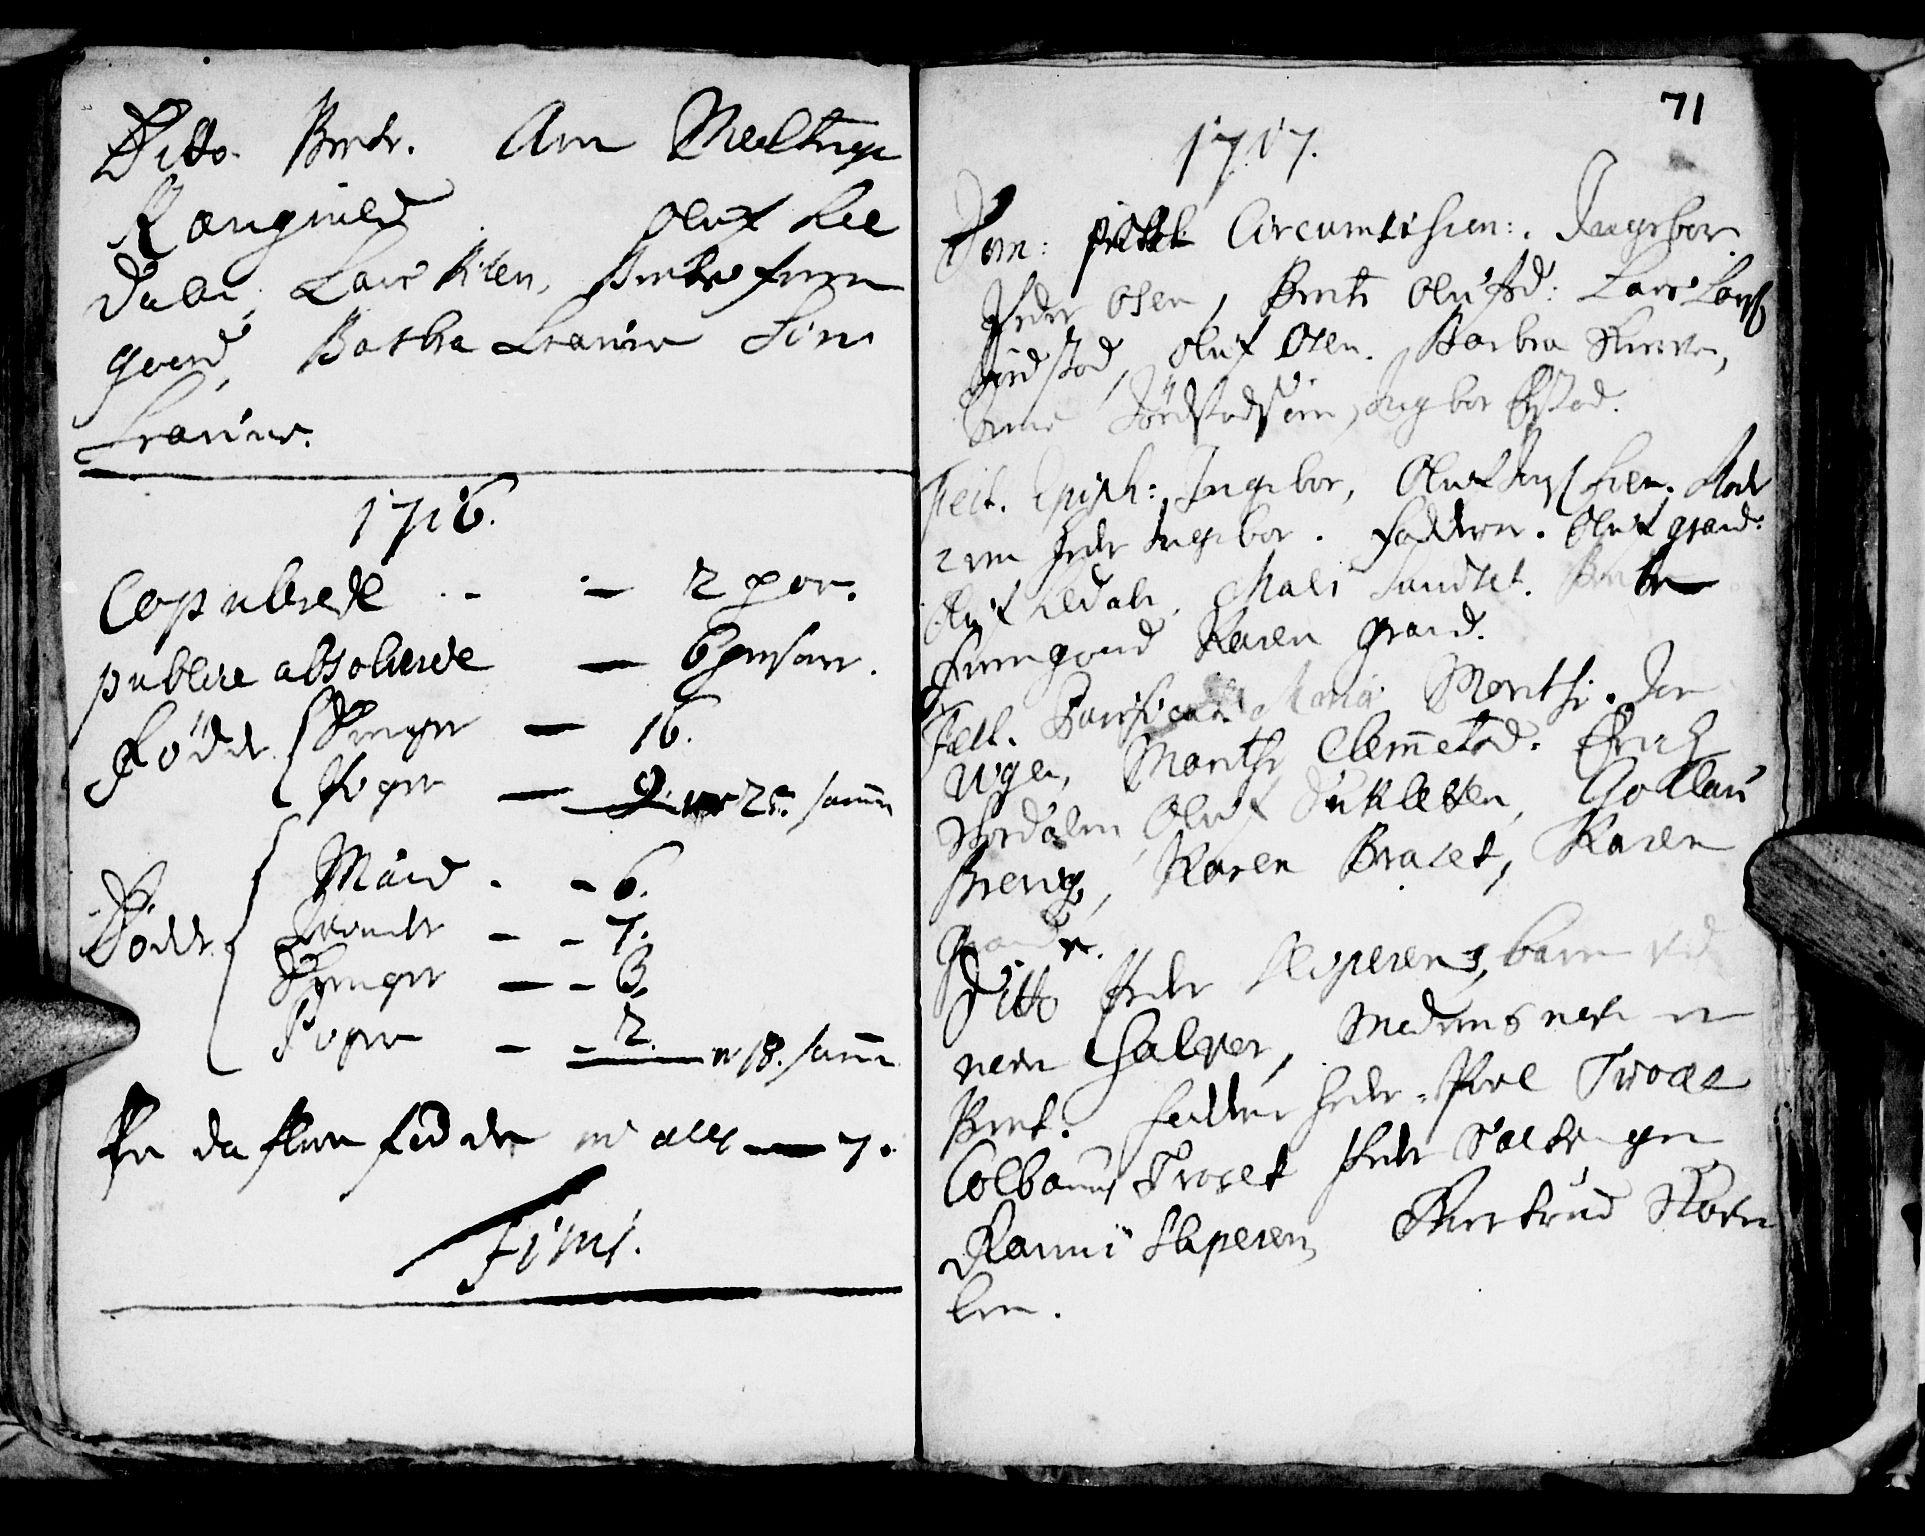 SAT, Ministerialprotokoller, klokkerbøker og fødselsregistre - Nord-Trøndelag, 722/L0214: Ministerialbok nr. 722A01, 1692-1718, s. 71